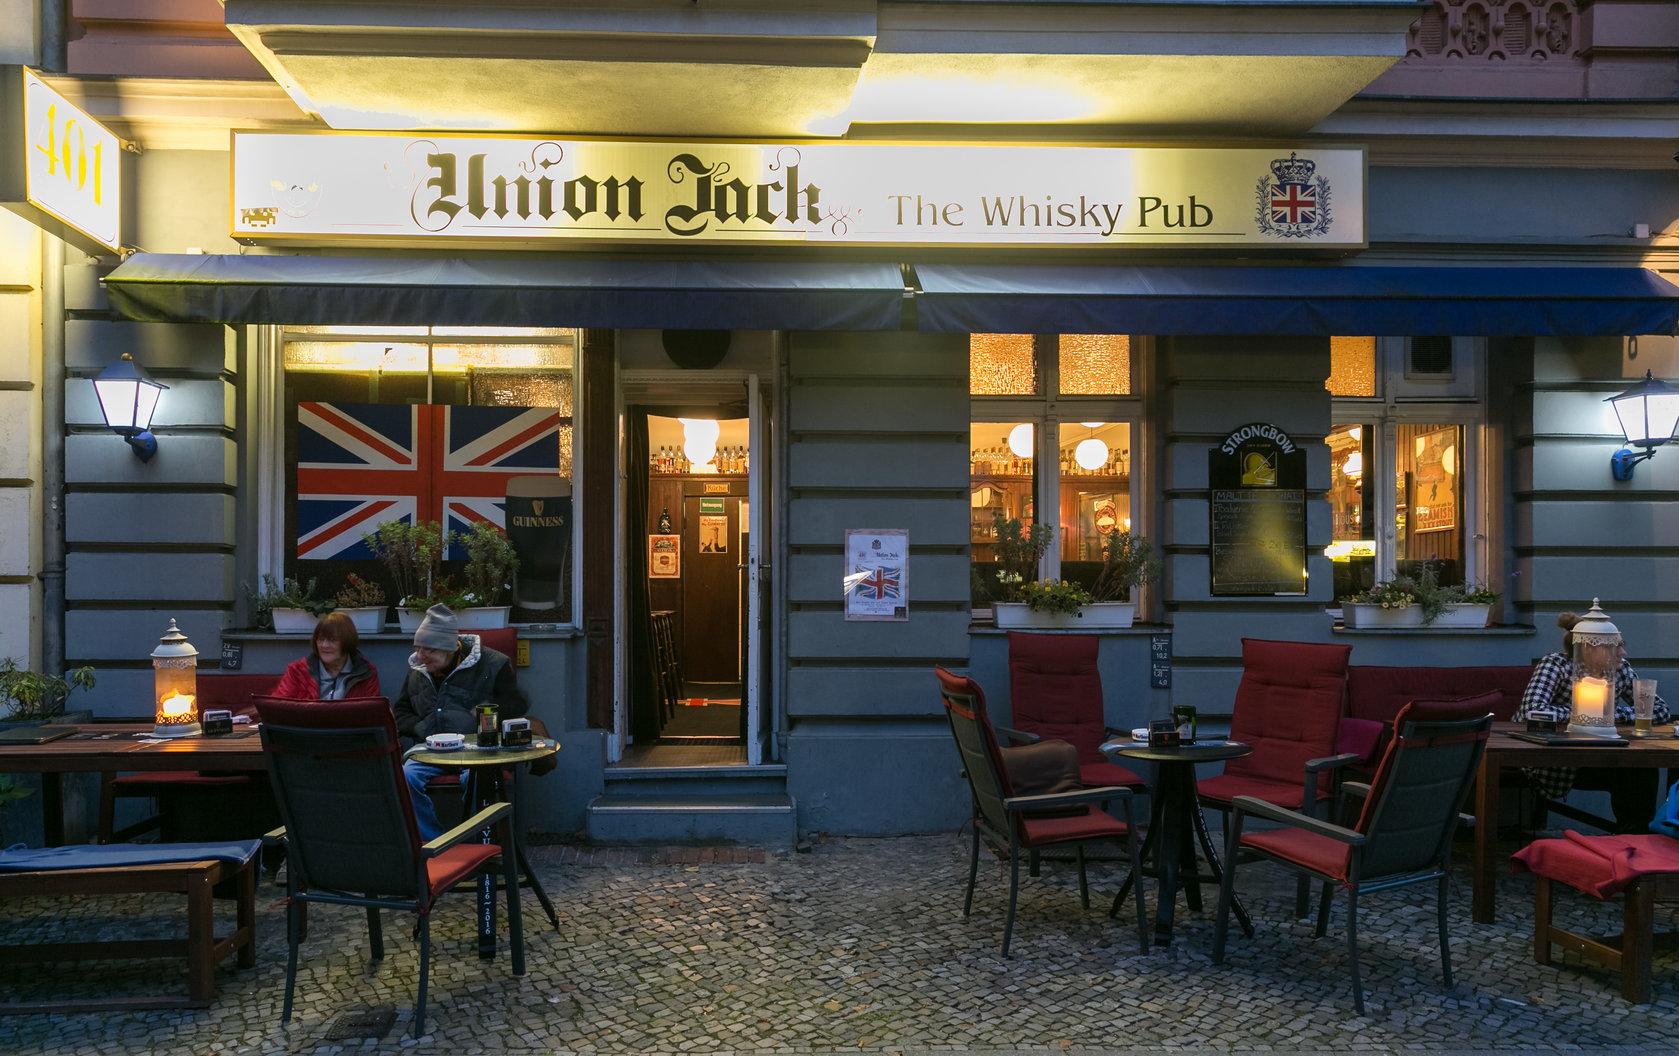 Schottische In Union Whiskybar Jack Pub Berlin kXZwuOiTP